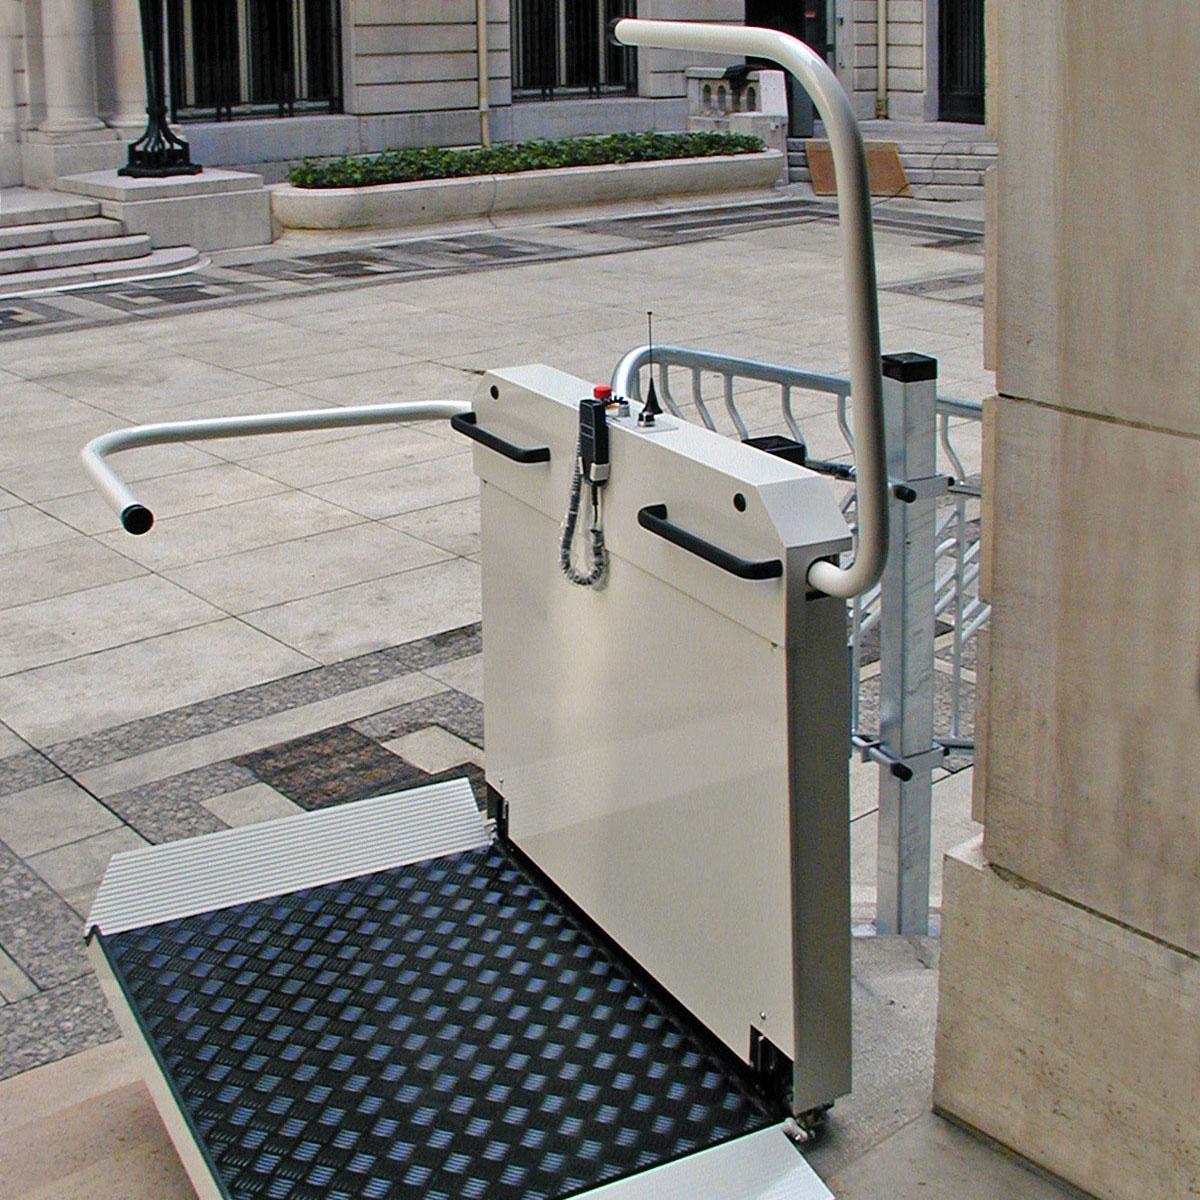 Plattformtreppenlift T80 im Außenbereich mit feuerverzinkter Fahrschiene und Berg- und Talfahrt.